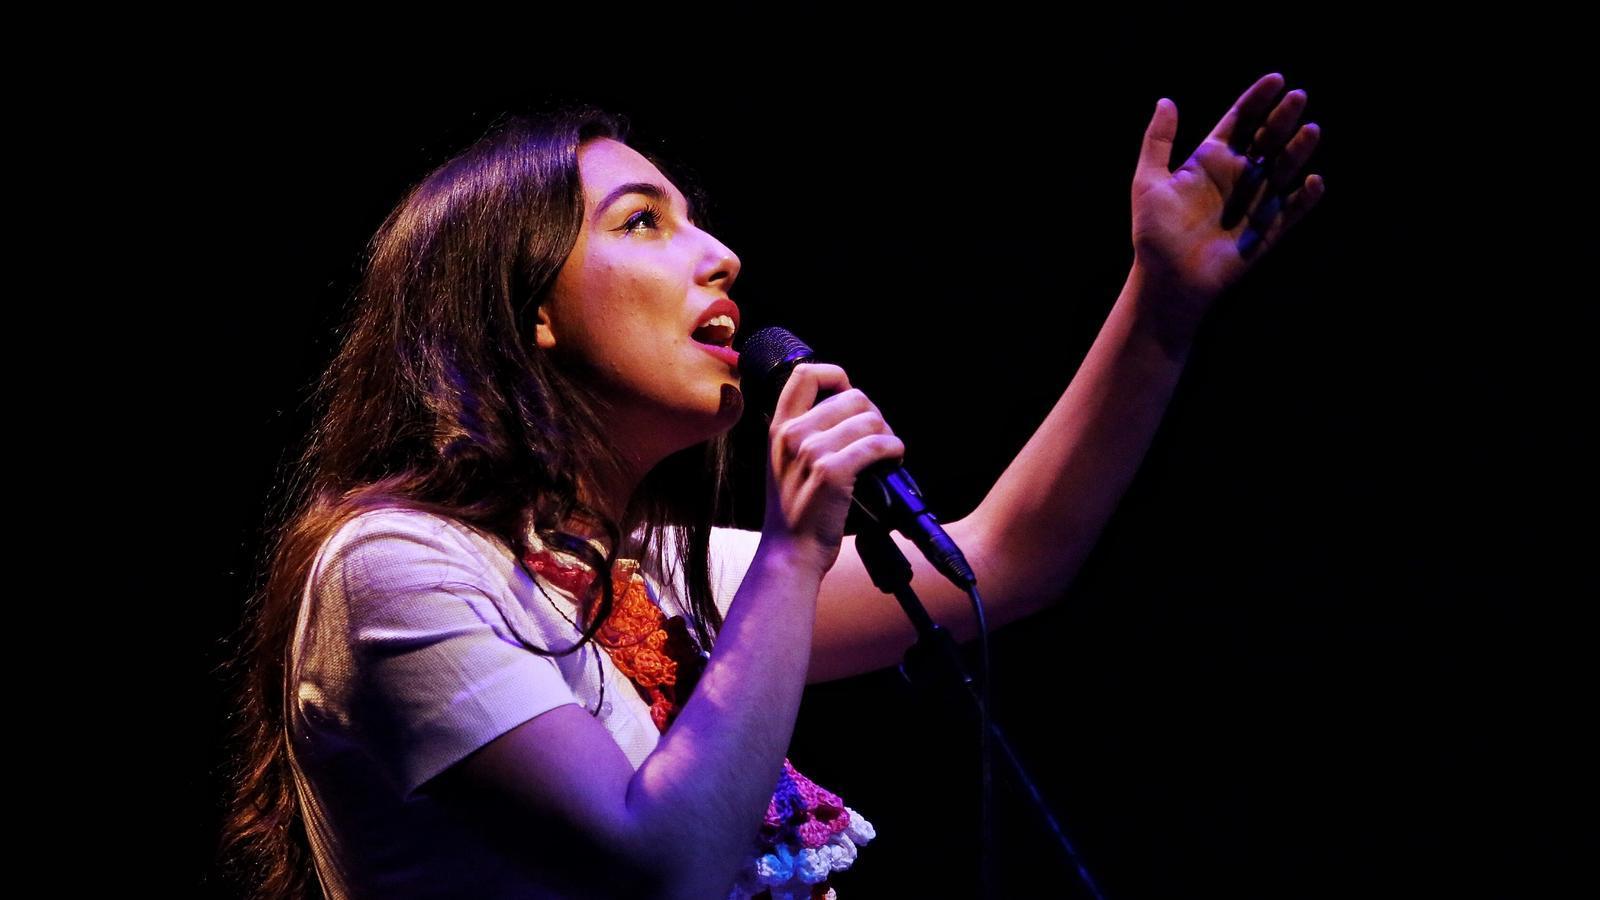 María José Llergo durant el concert a la sala 2 de L'Auditori de Barcelona